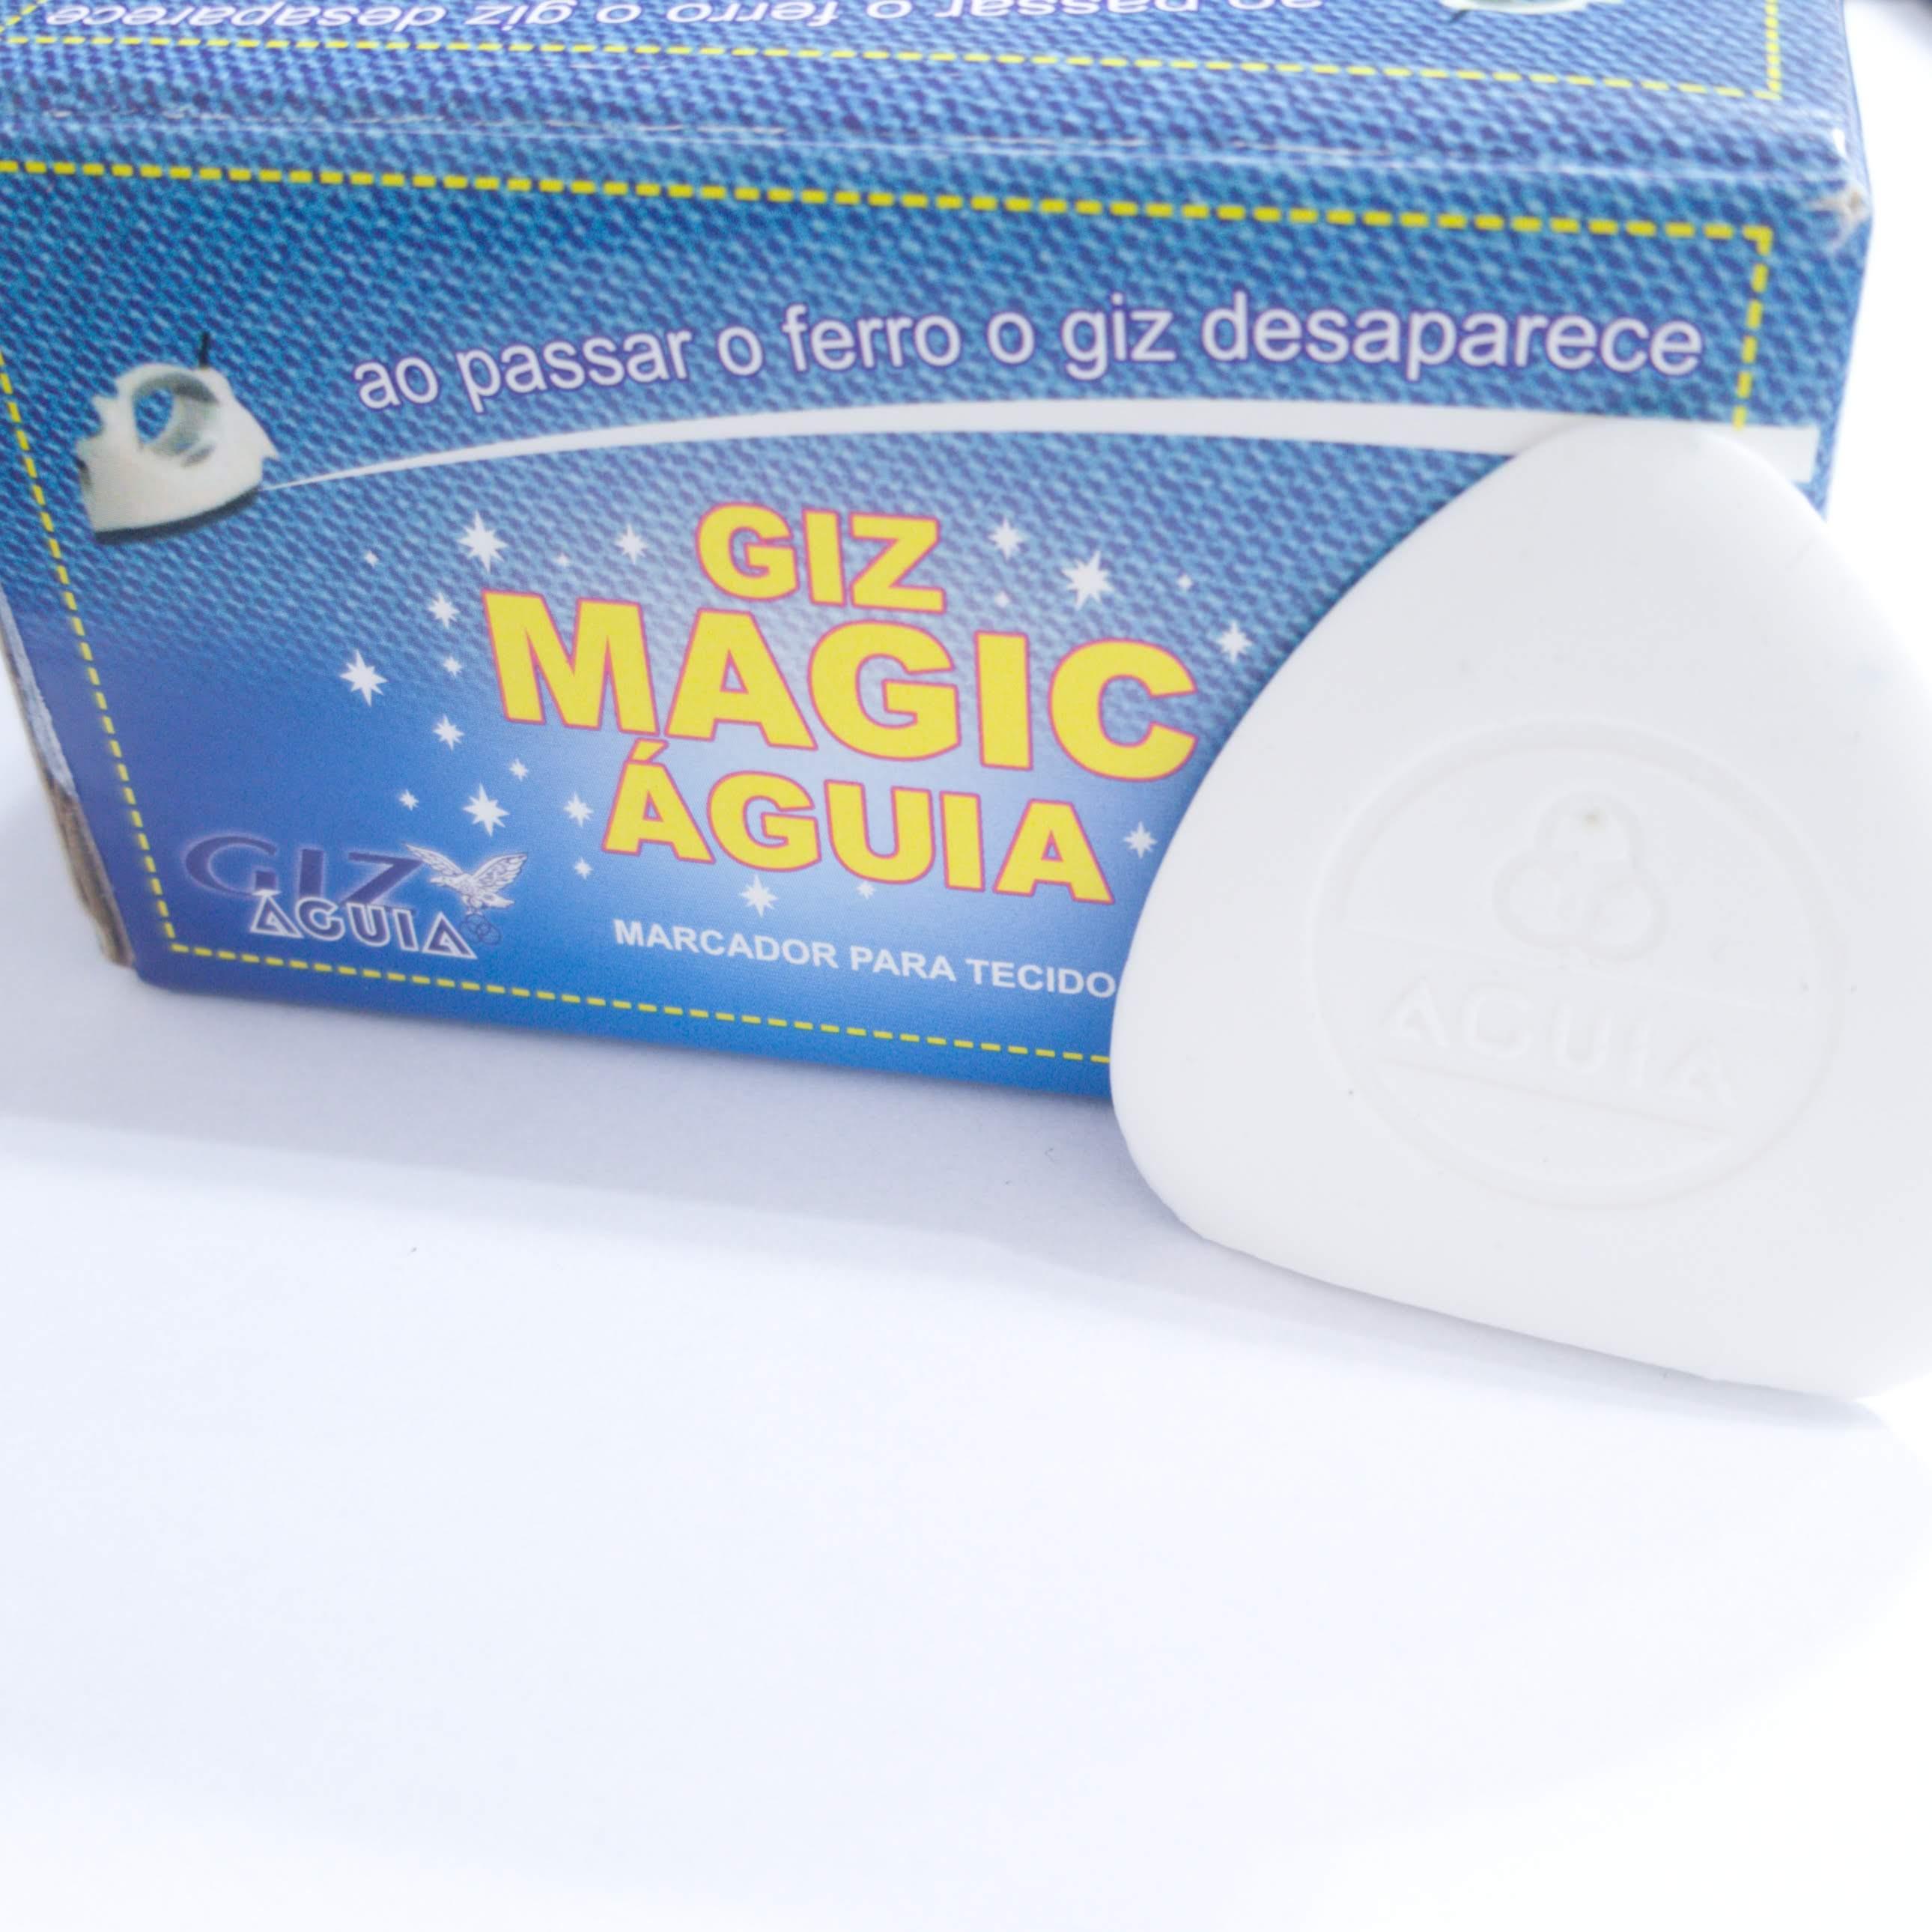 GIZ MÁGIC ÁGUIA - APAGA COM CALOR DO FERRO